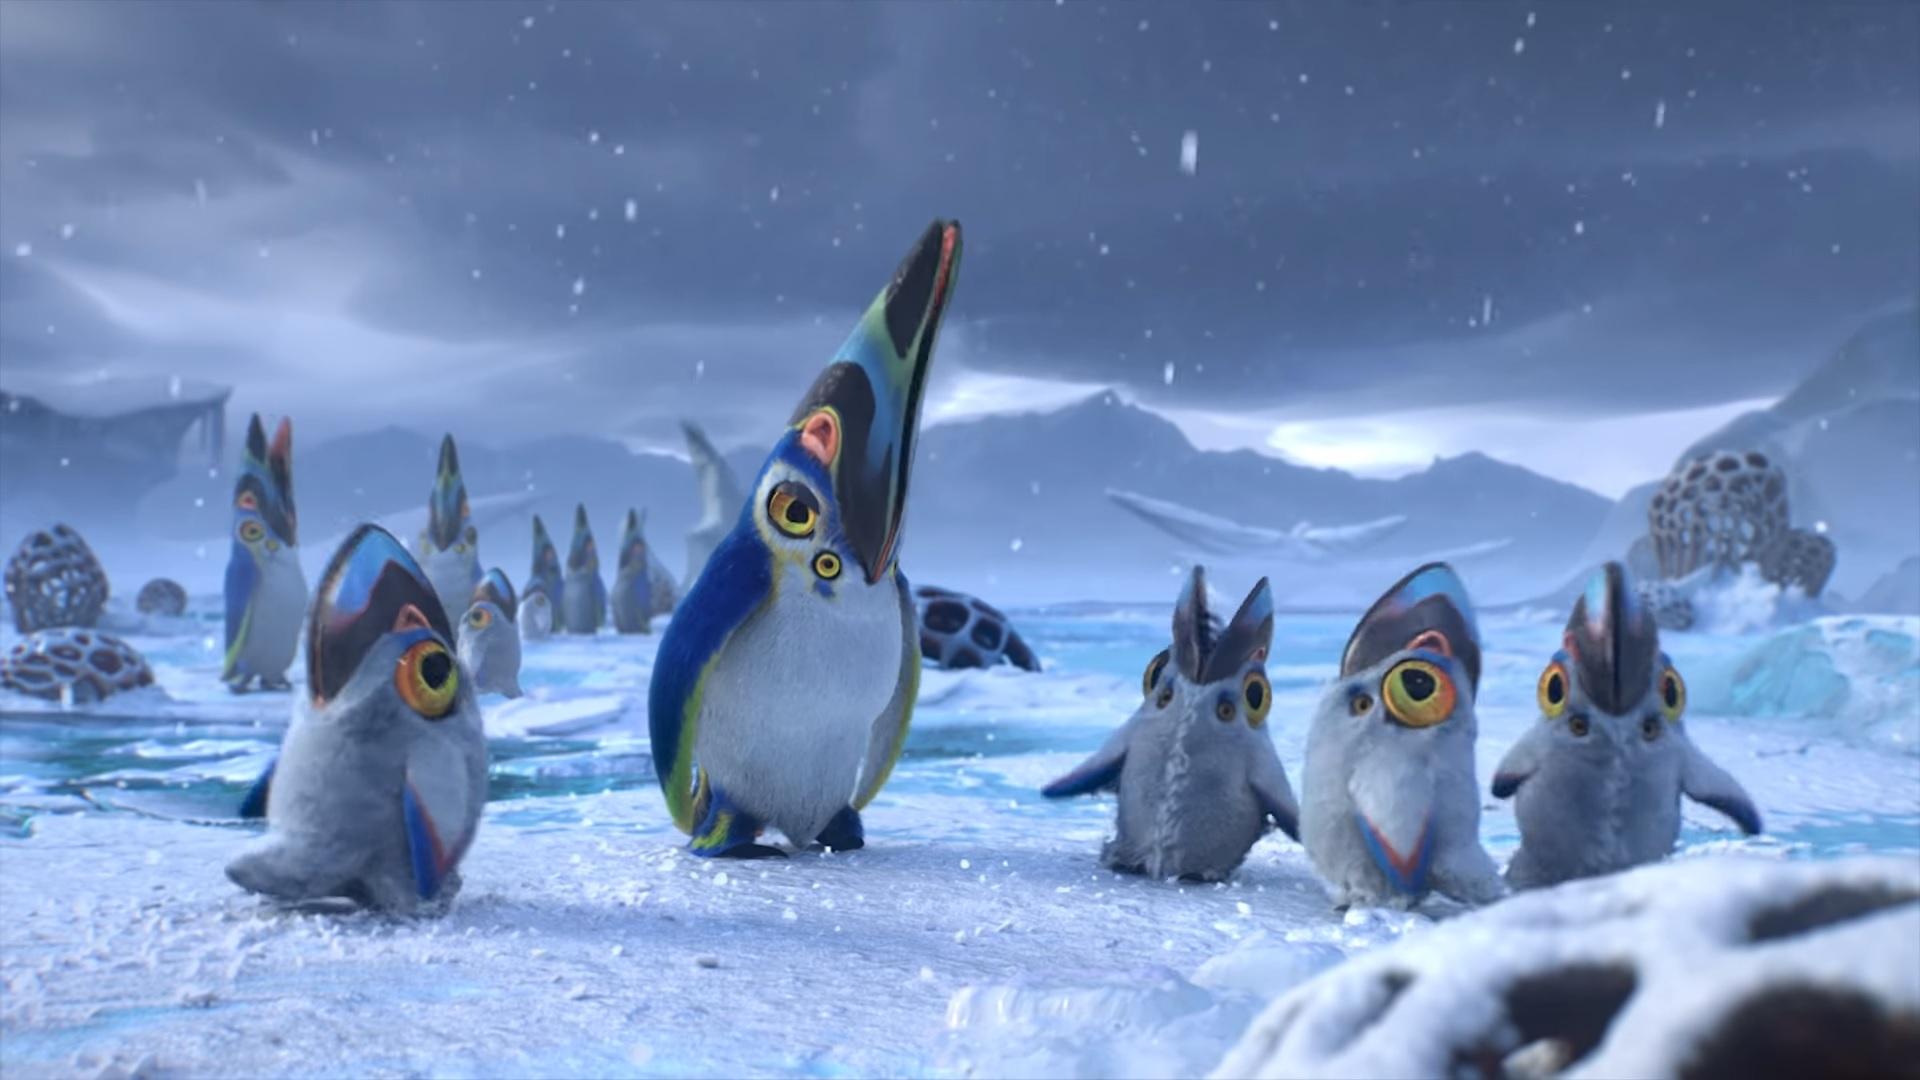 subnautica below zero, ps4, release date